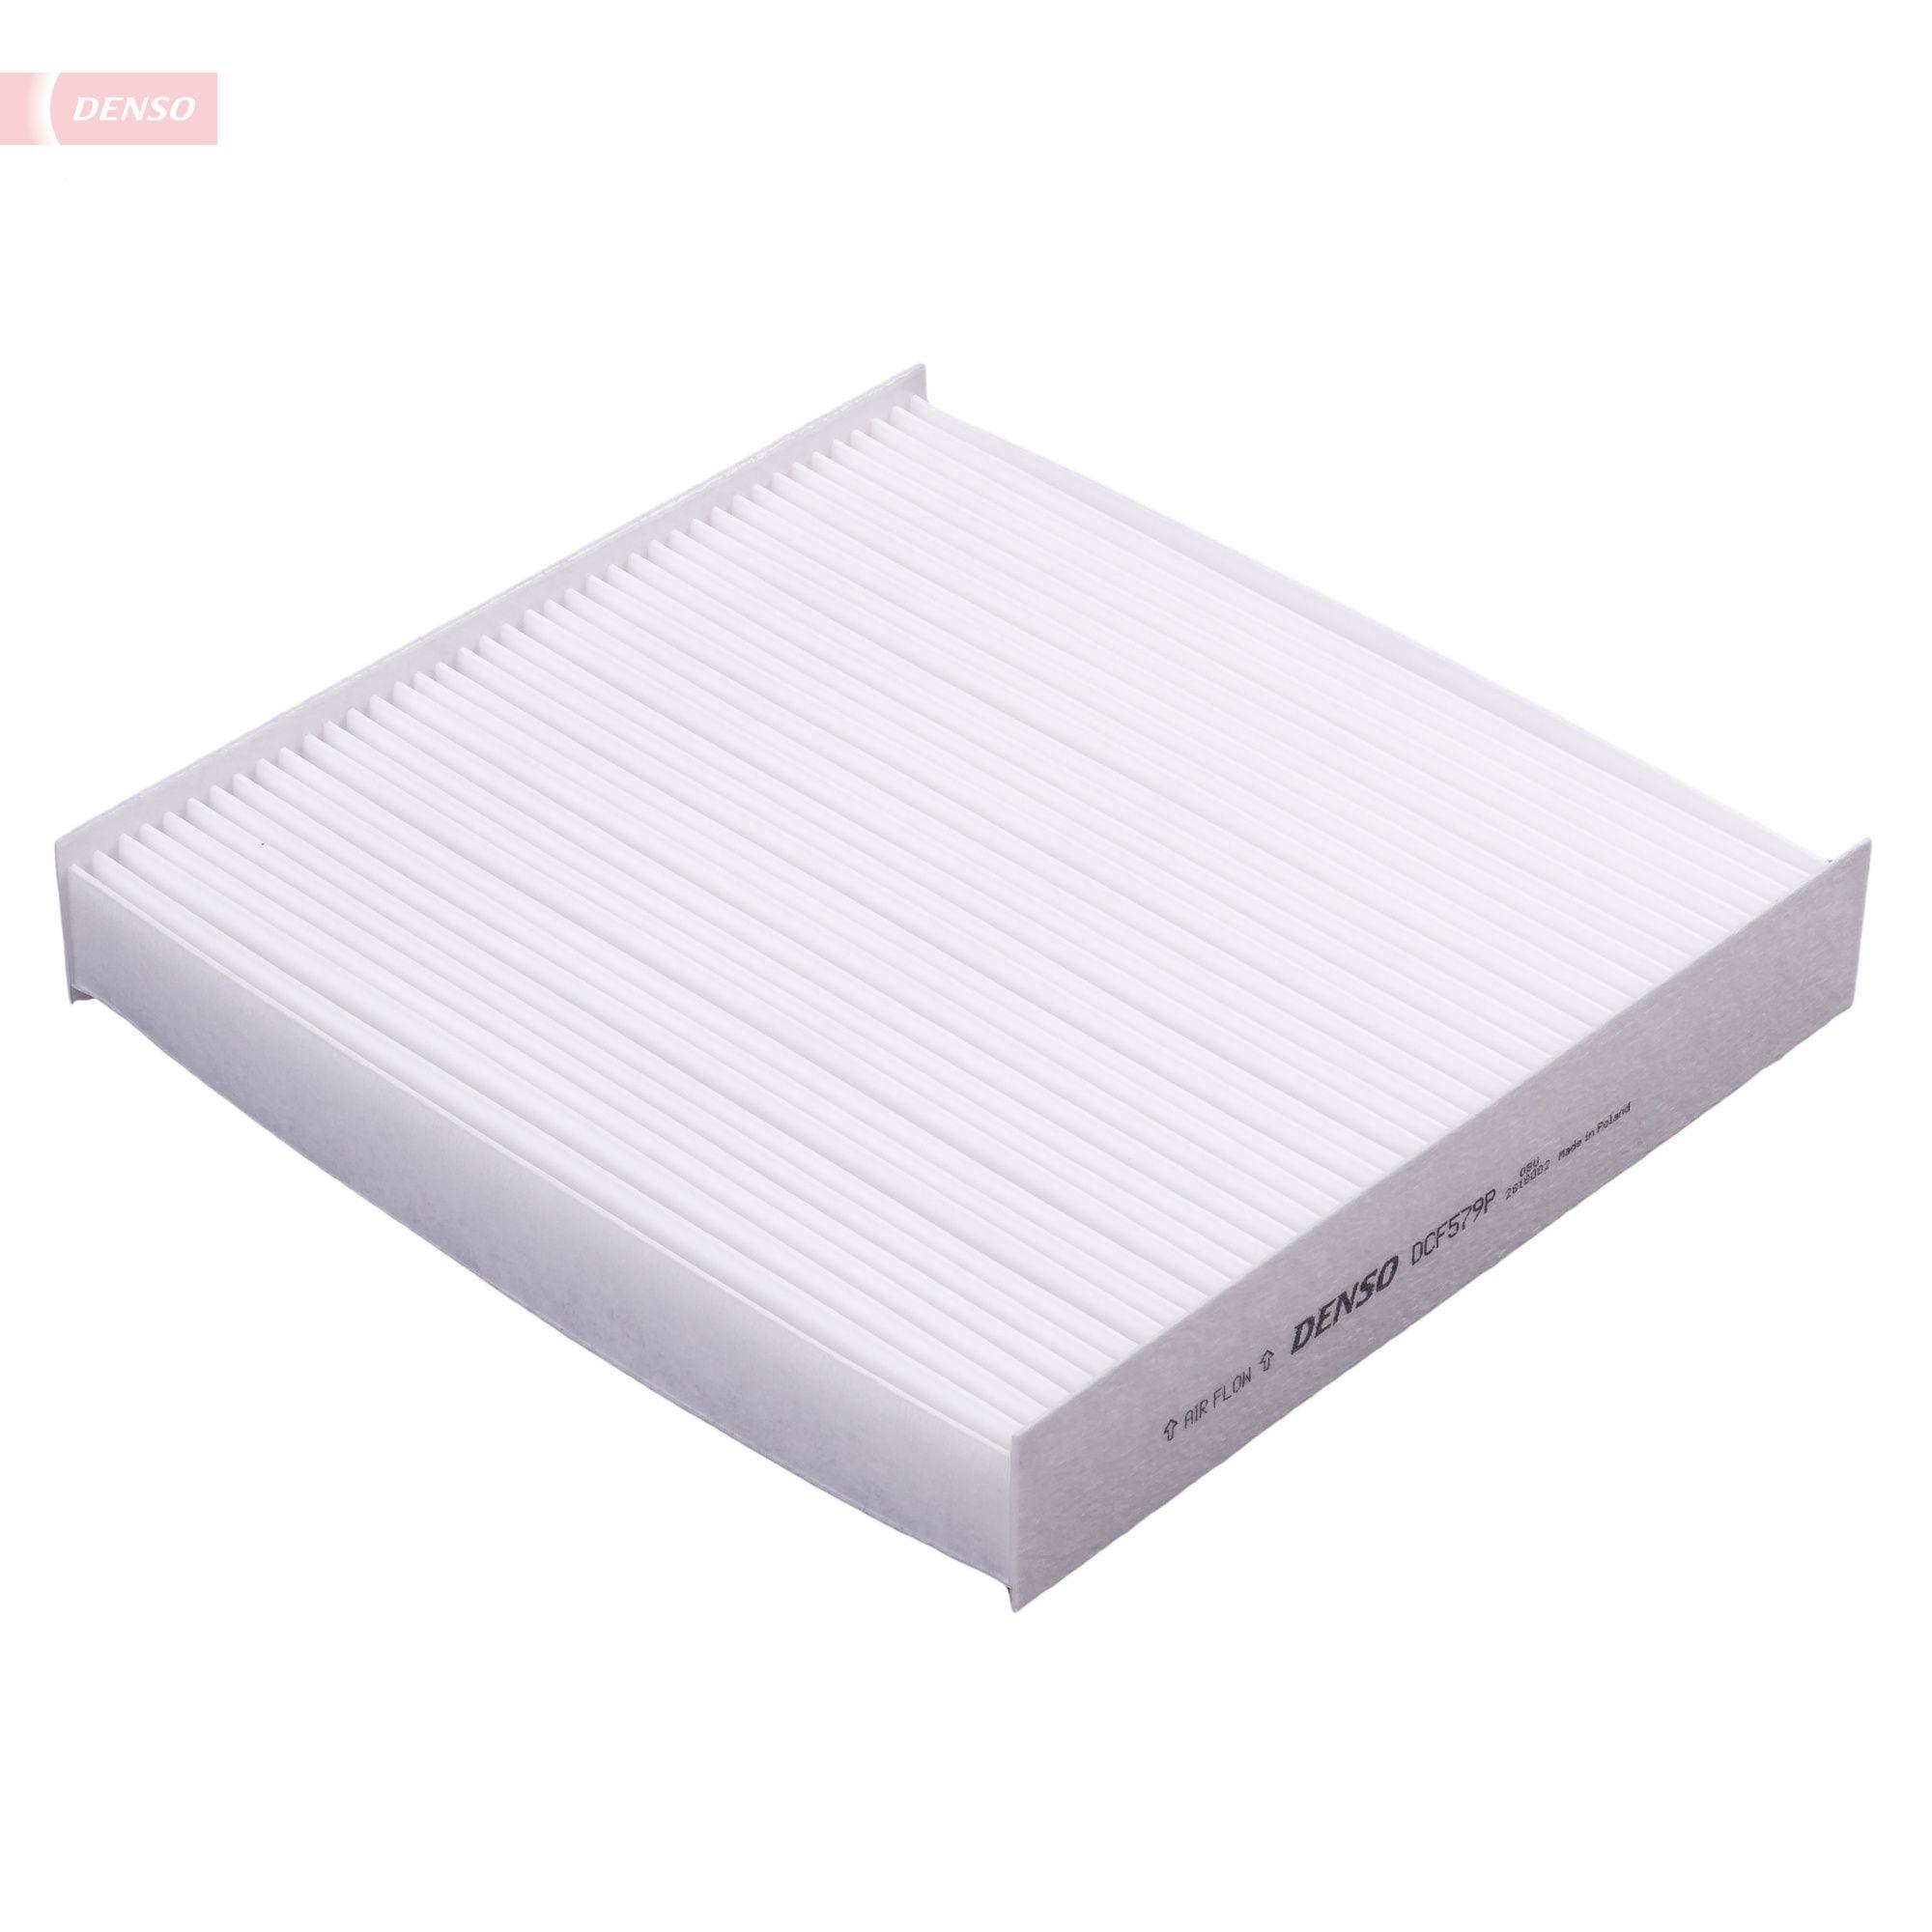 Achetez Système de chauffage DENSO DCF579P (Largeur: 213mm, Hauteur: 34mm, Longueur: 200mm) à un rapport qualité-prix exceptionnel